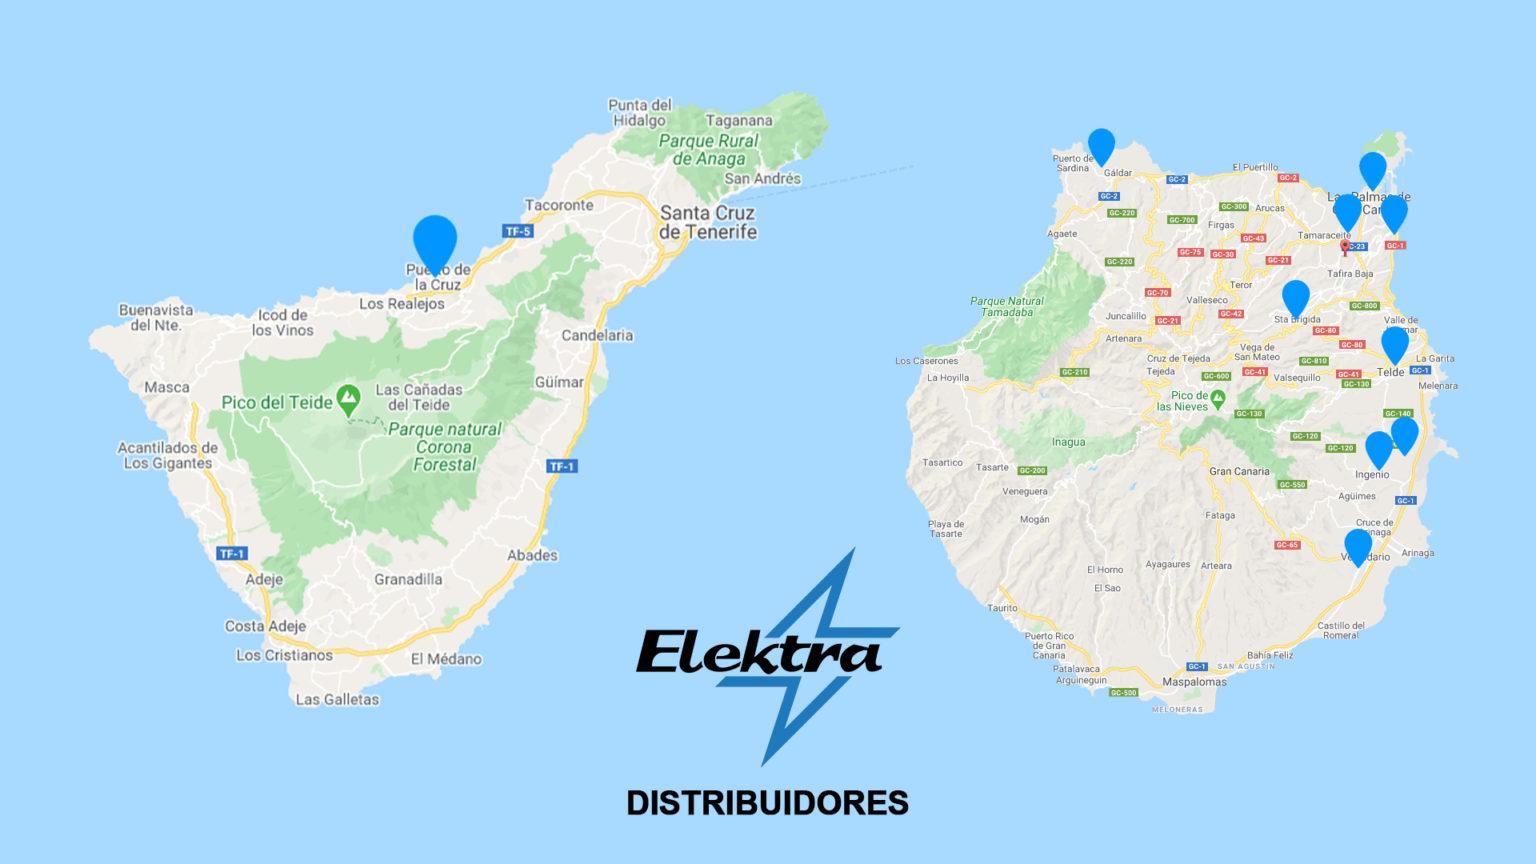 Distribuidores de Elektrabikes